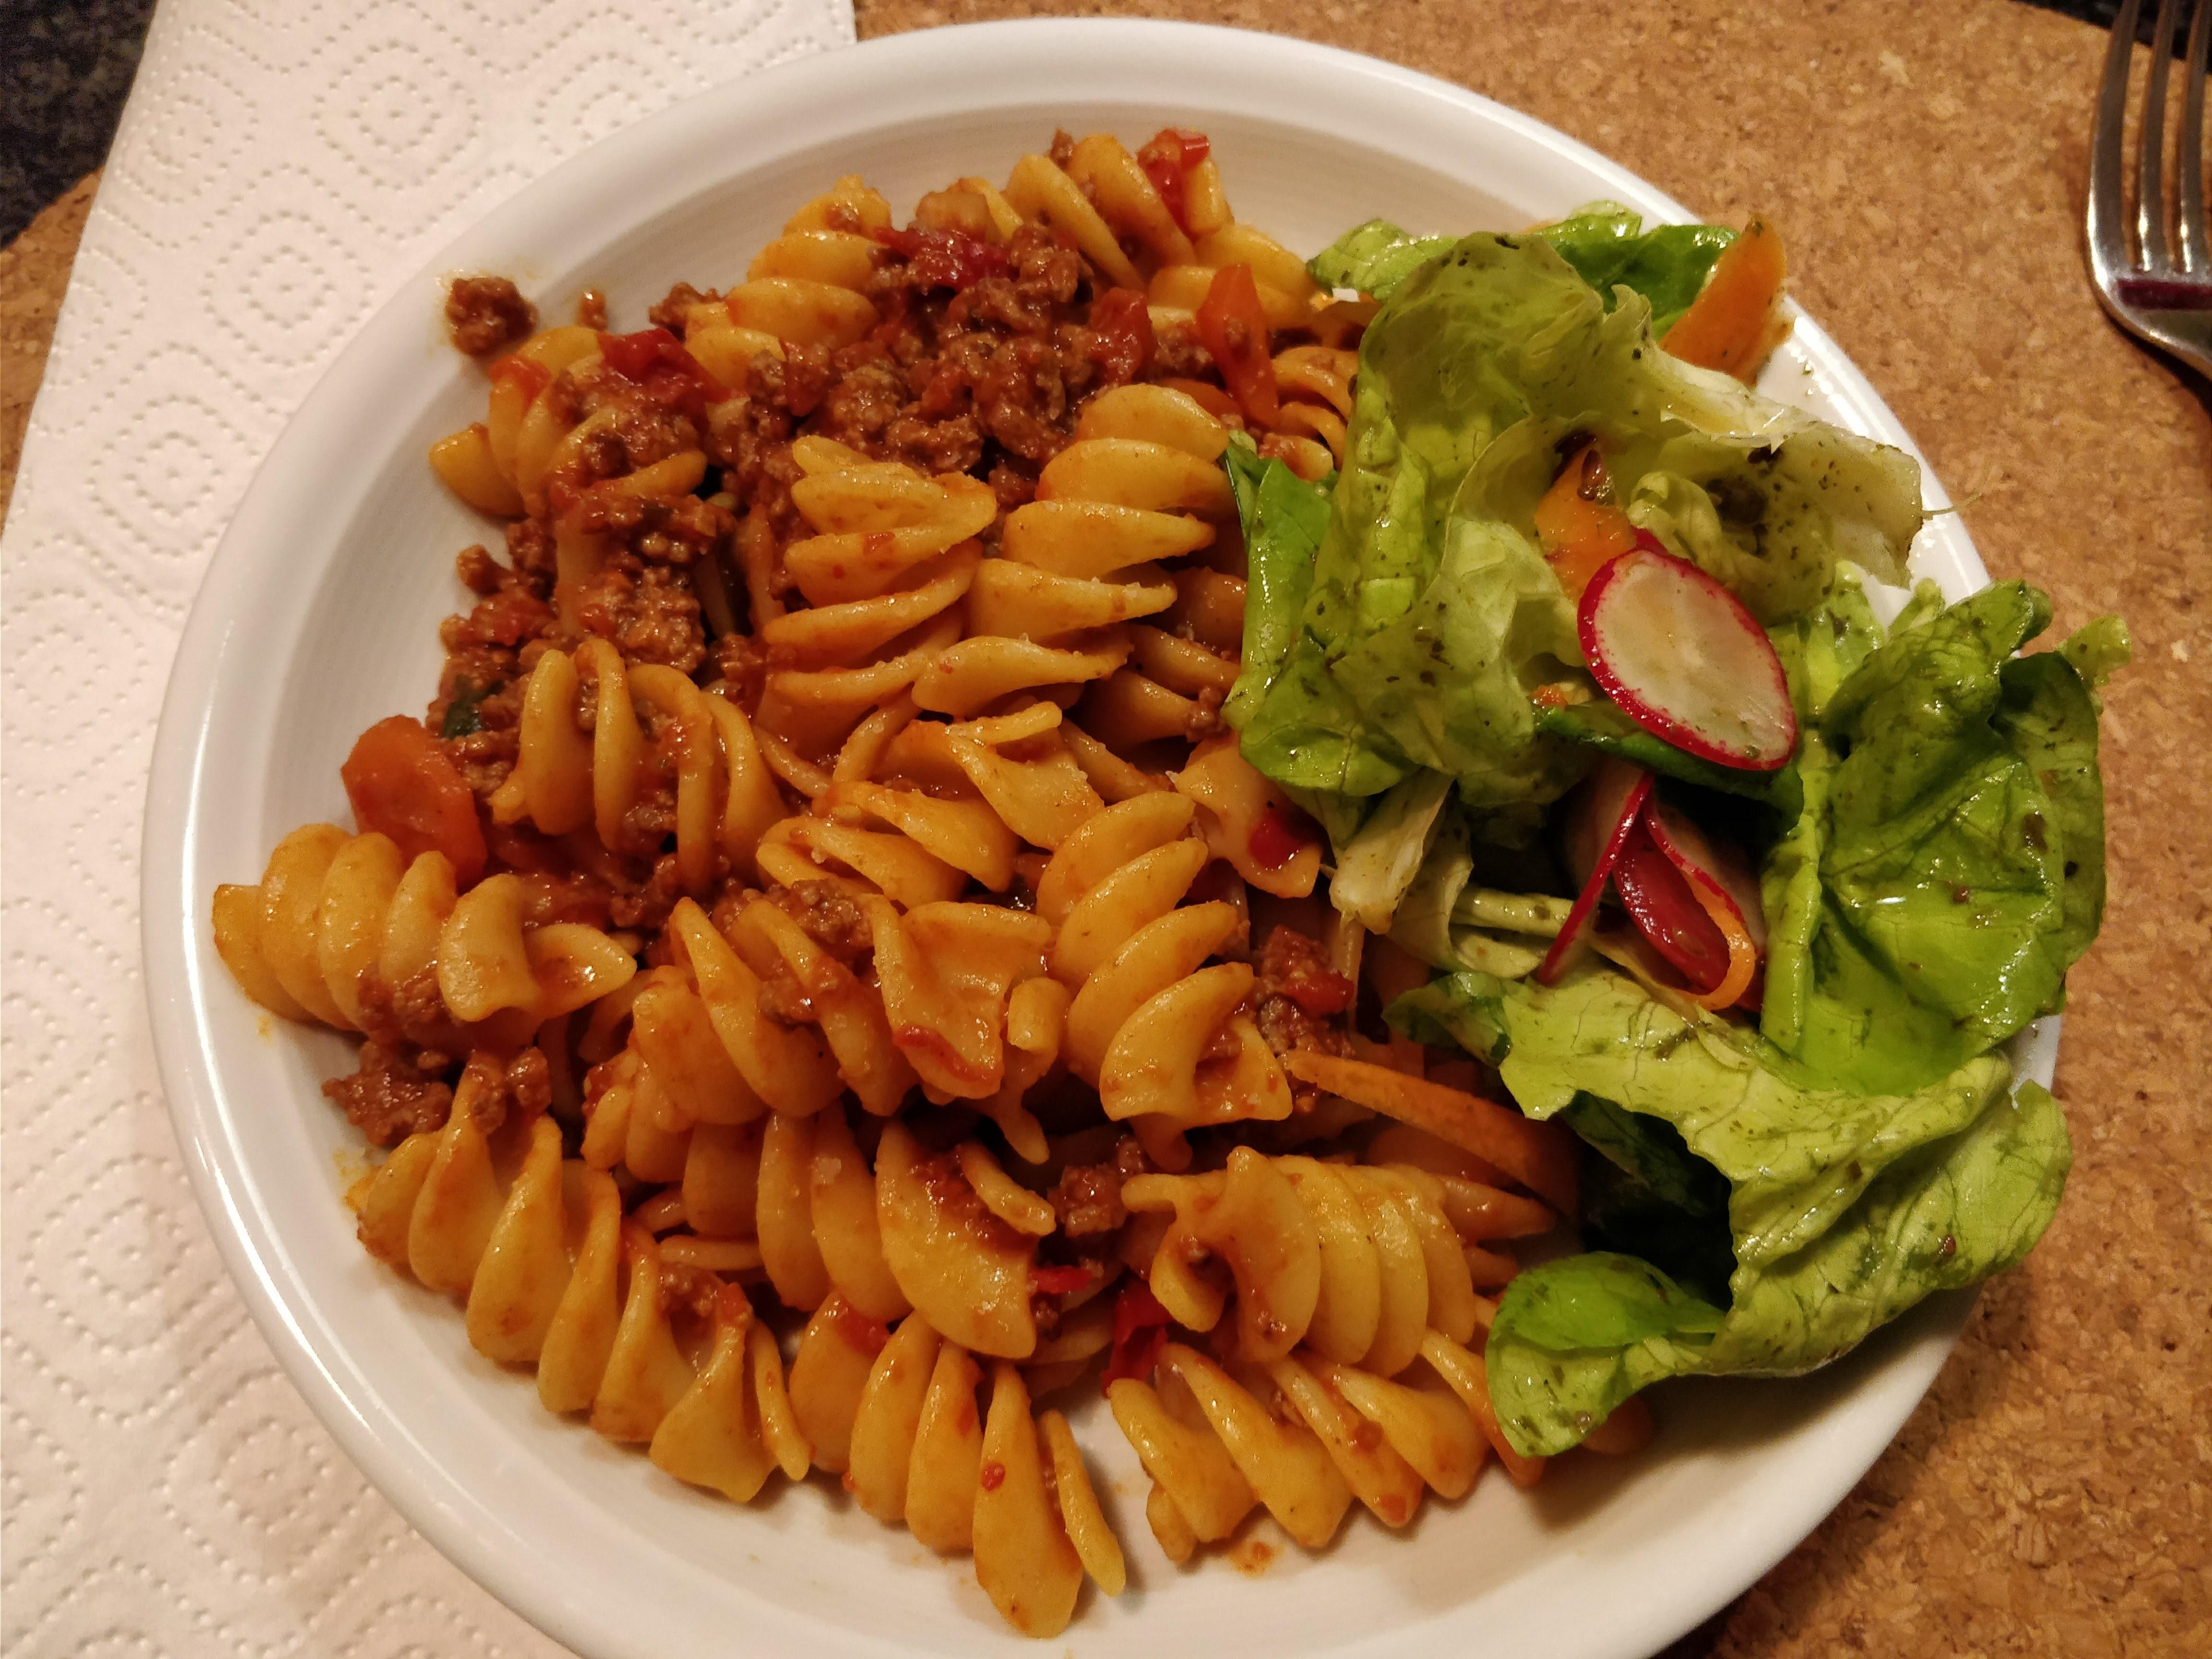 http://foodloader.net/nico_2018-01-05_nudeln-mit-bolognese-sauce.jpg